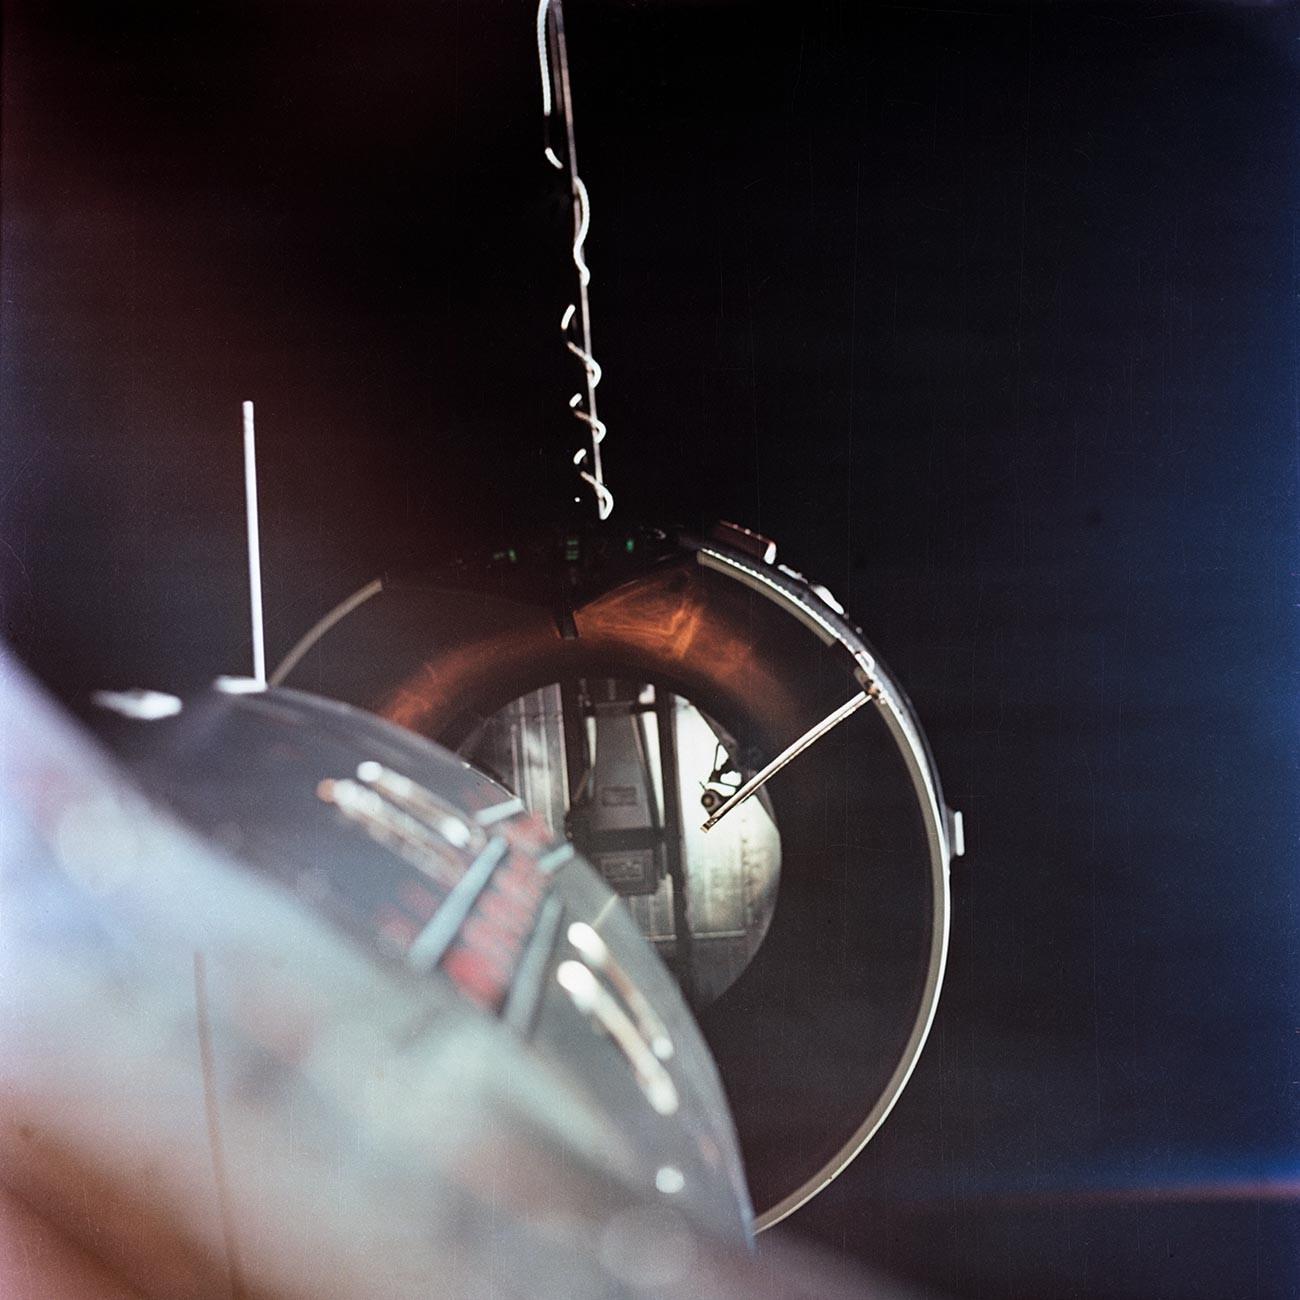 L'Agena Target Vehicle, concepito per consentire la manovra di aggancio di due veicoli spaziali in orbita